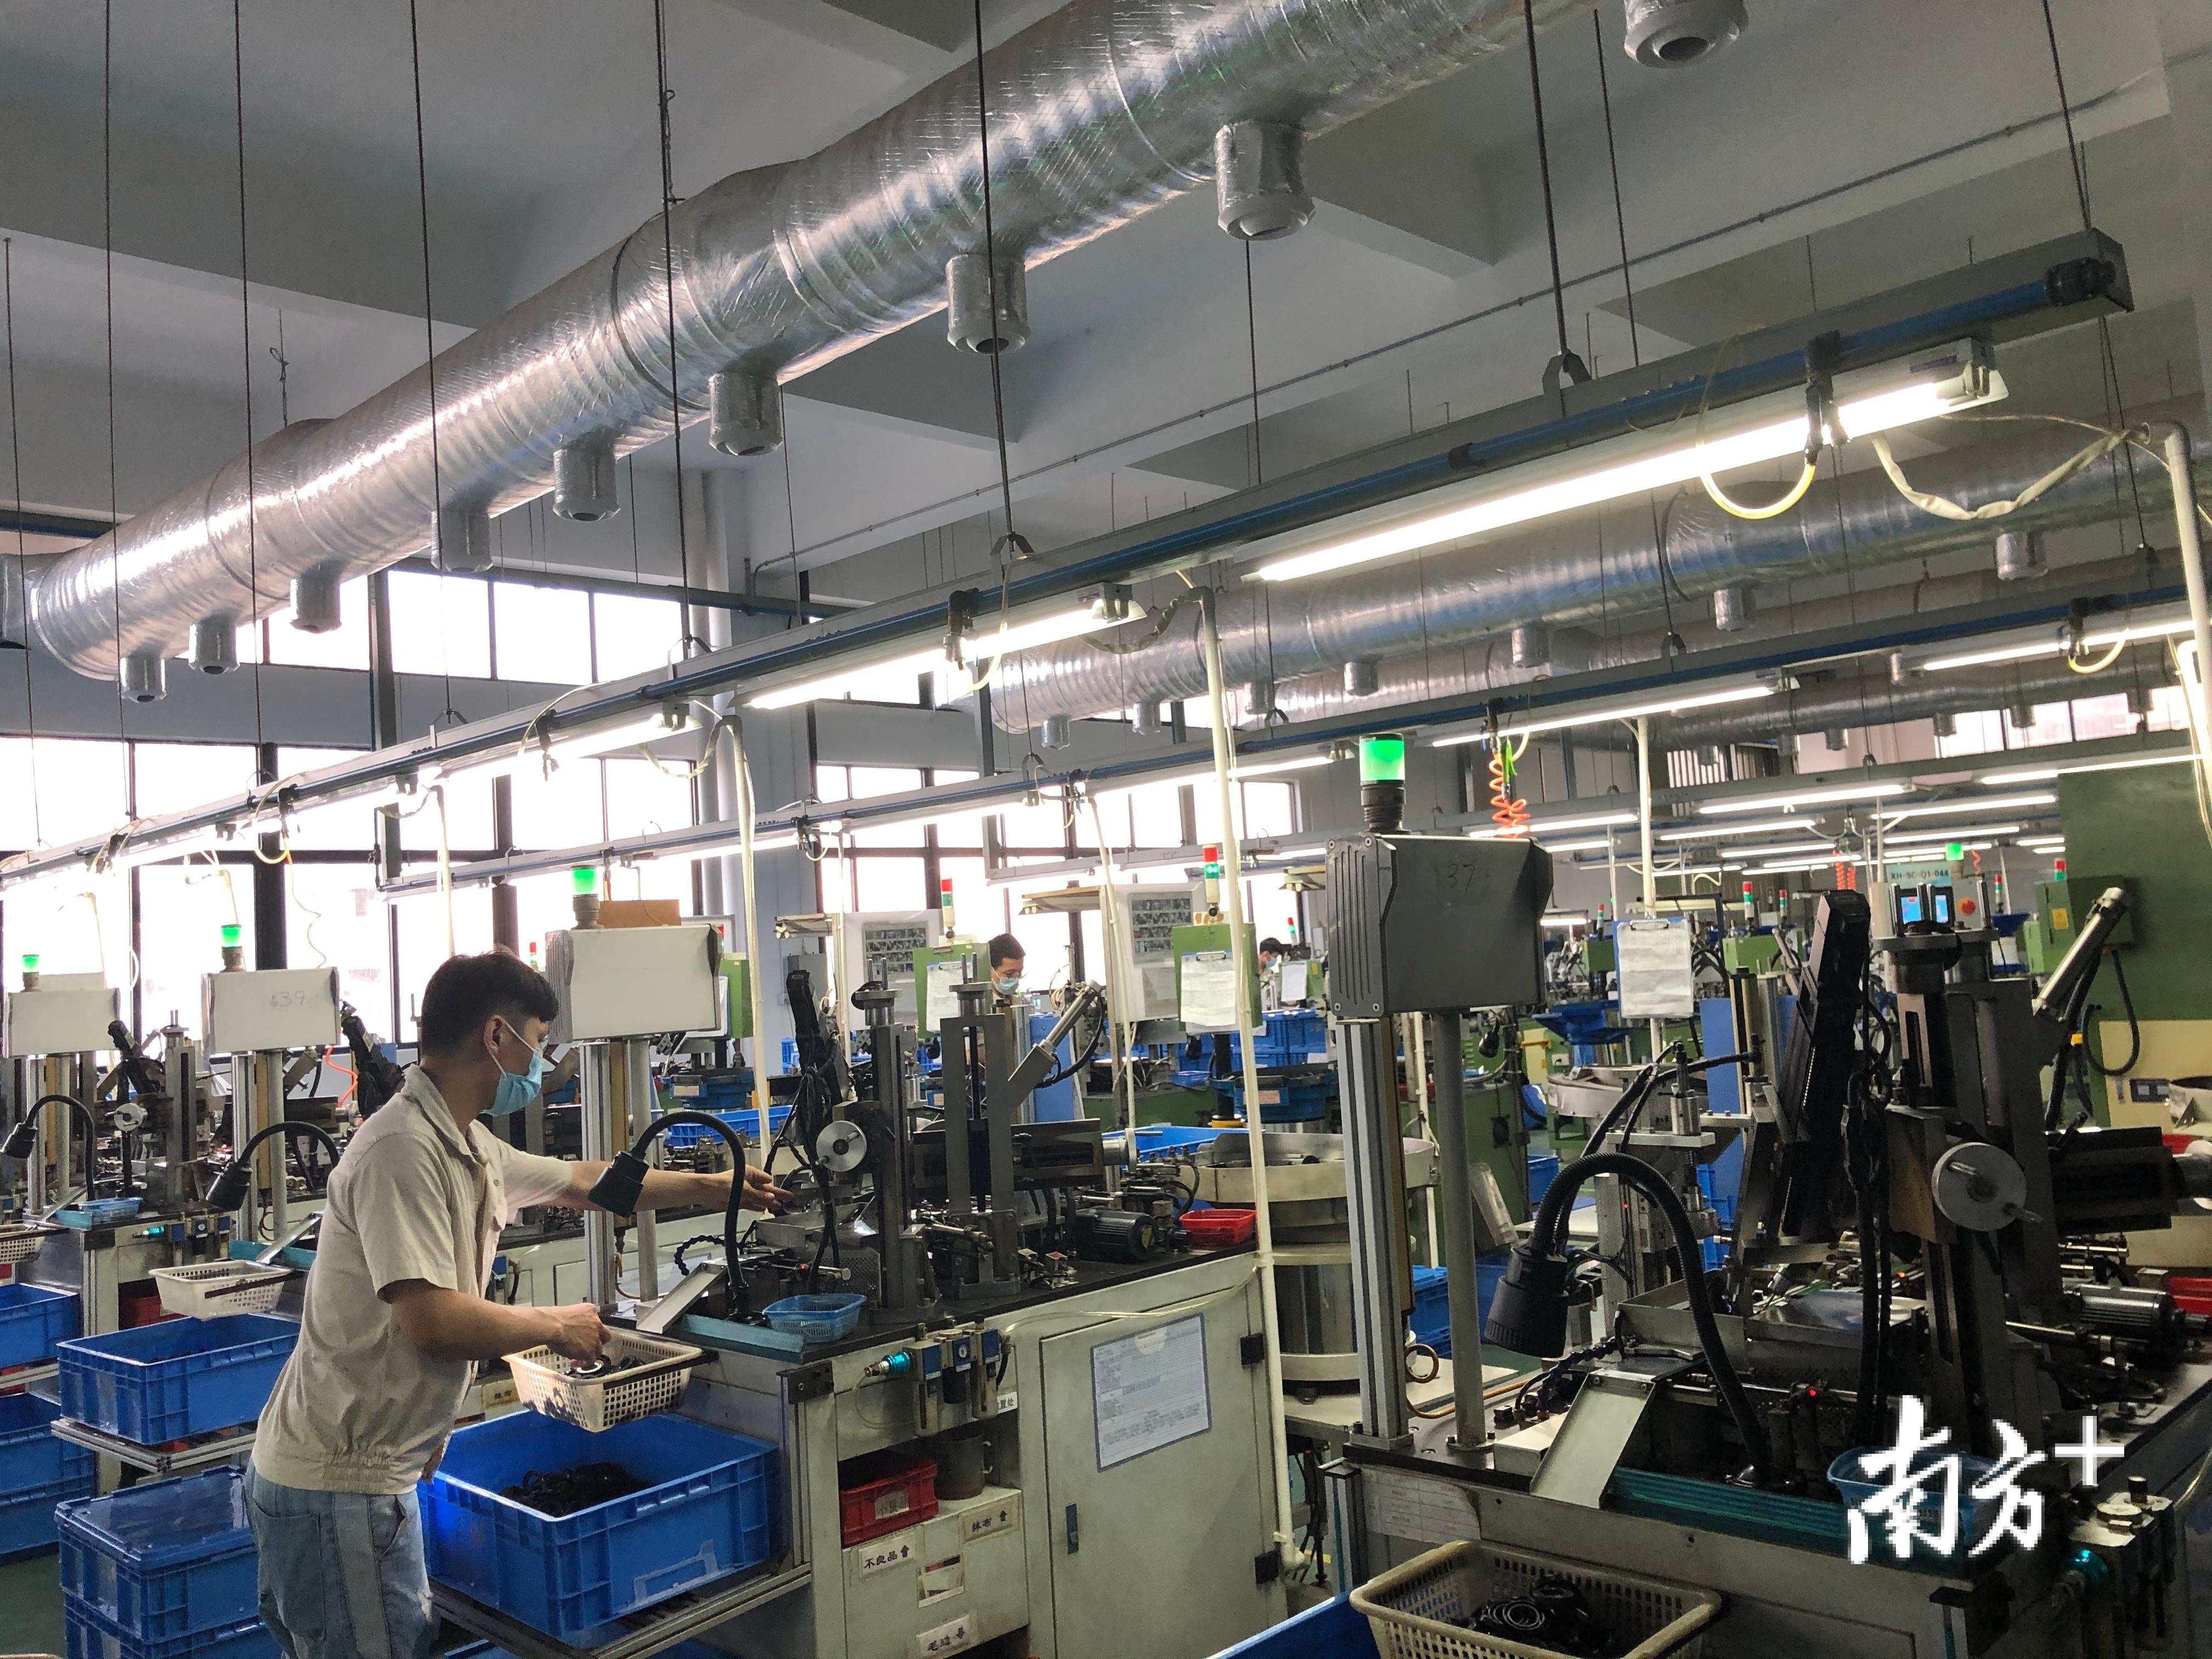 在鑫辉新材料公司的车间,工人们正在加紧生产密封圈。 董有逸 摄